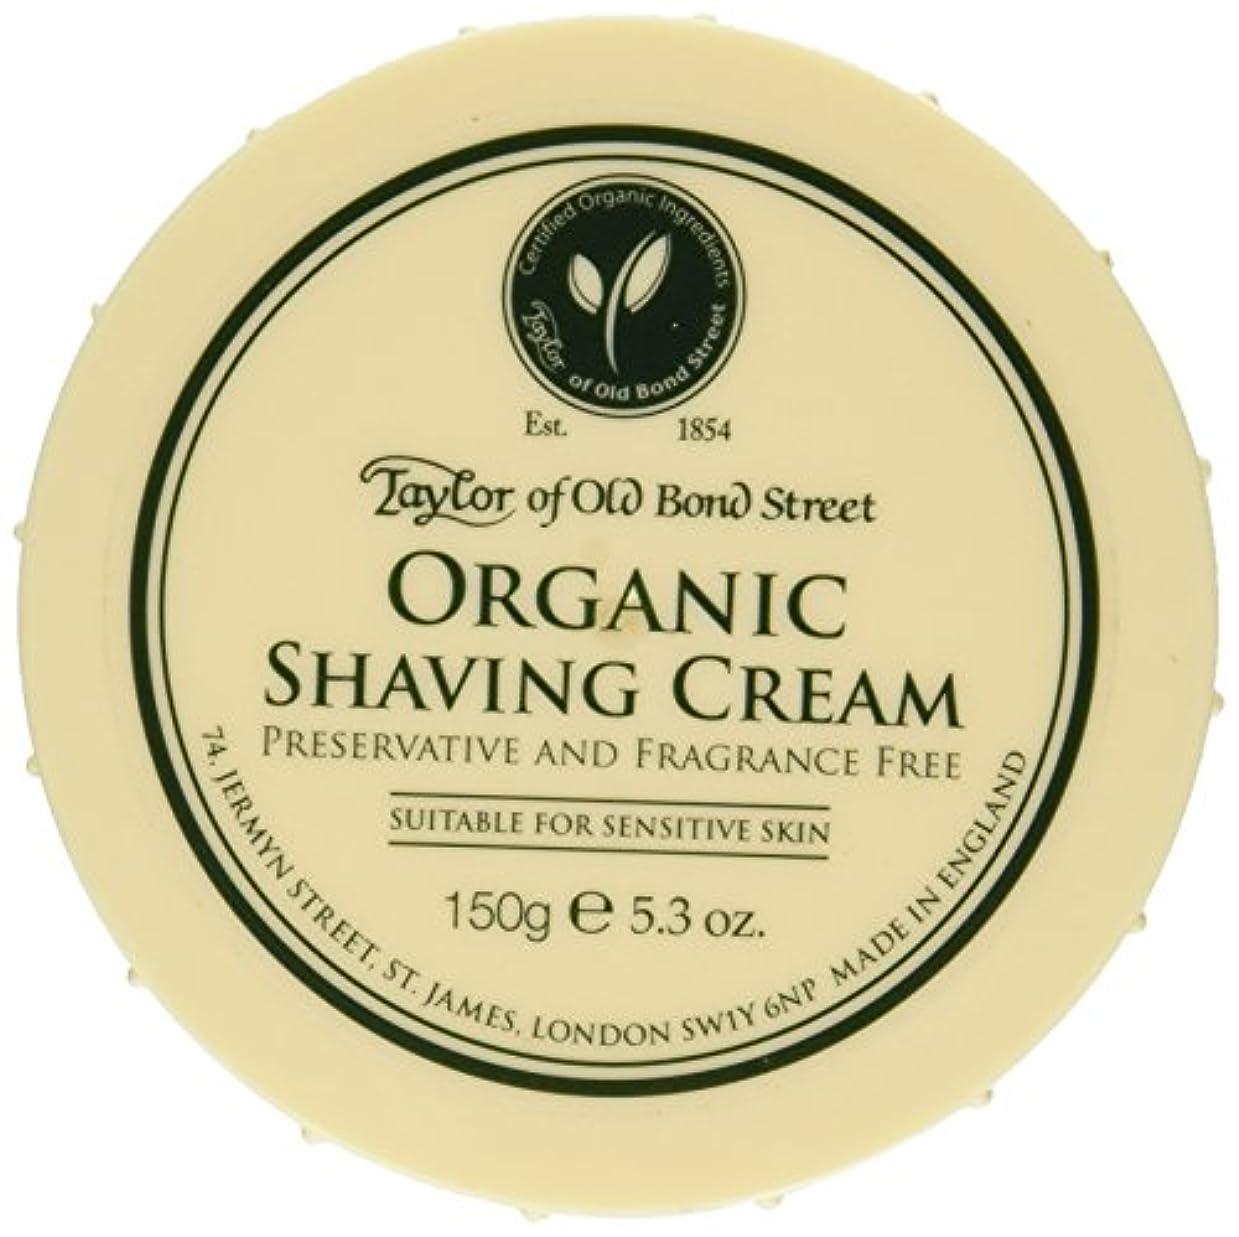 篭エジプト人うめき声Taylor of Old Bond Street Organic Shaving Cream w/ Aloe & Jojoba *New* 5.3 oz. by Taylor of Old Bond Street